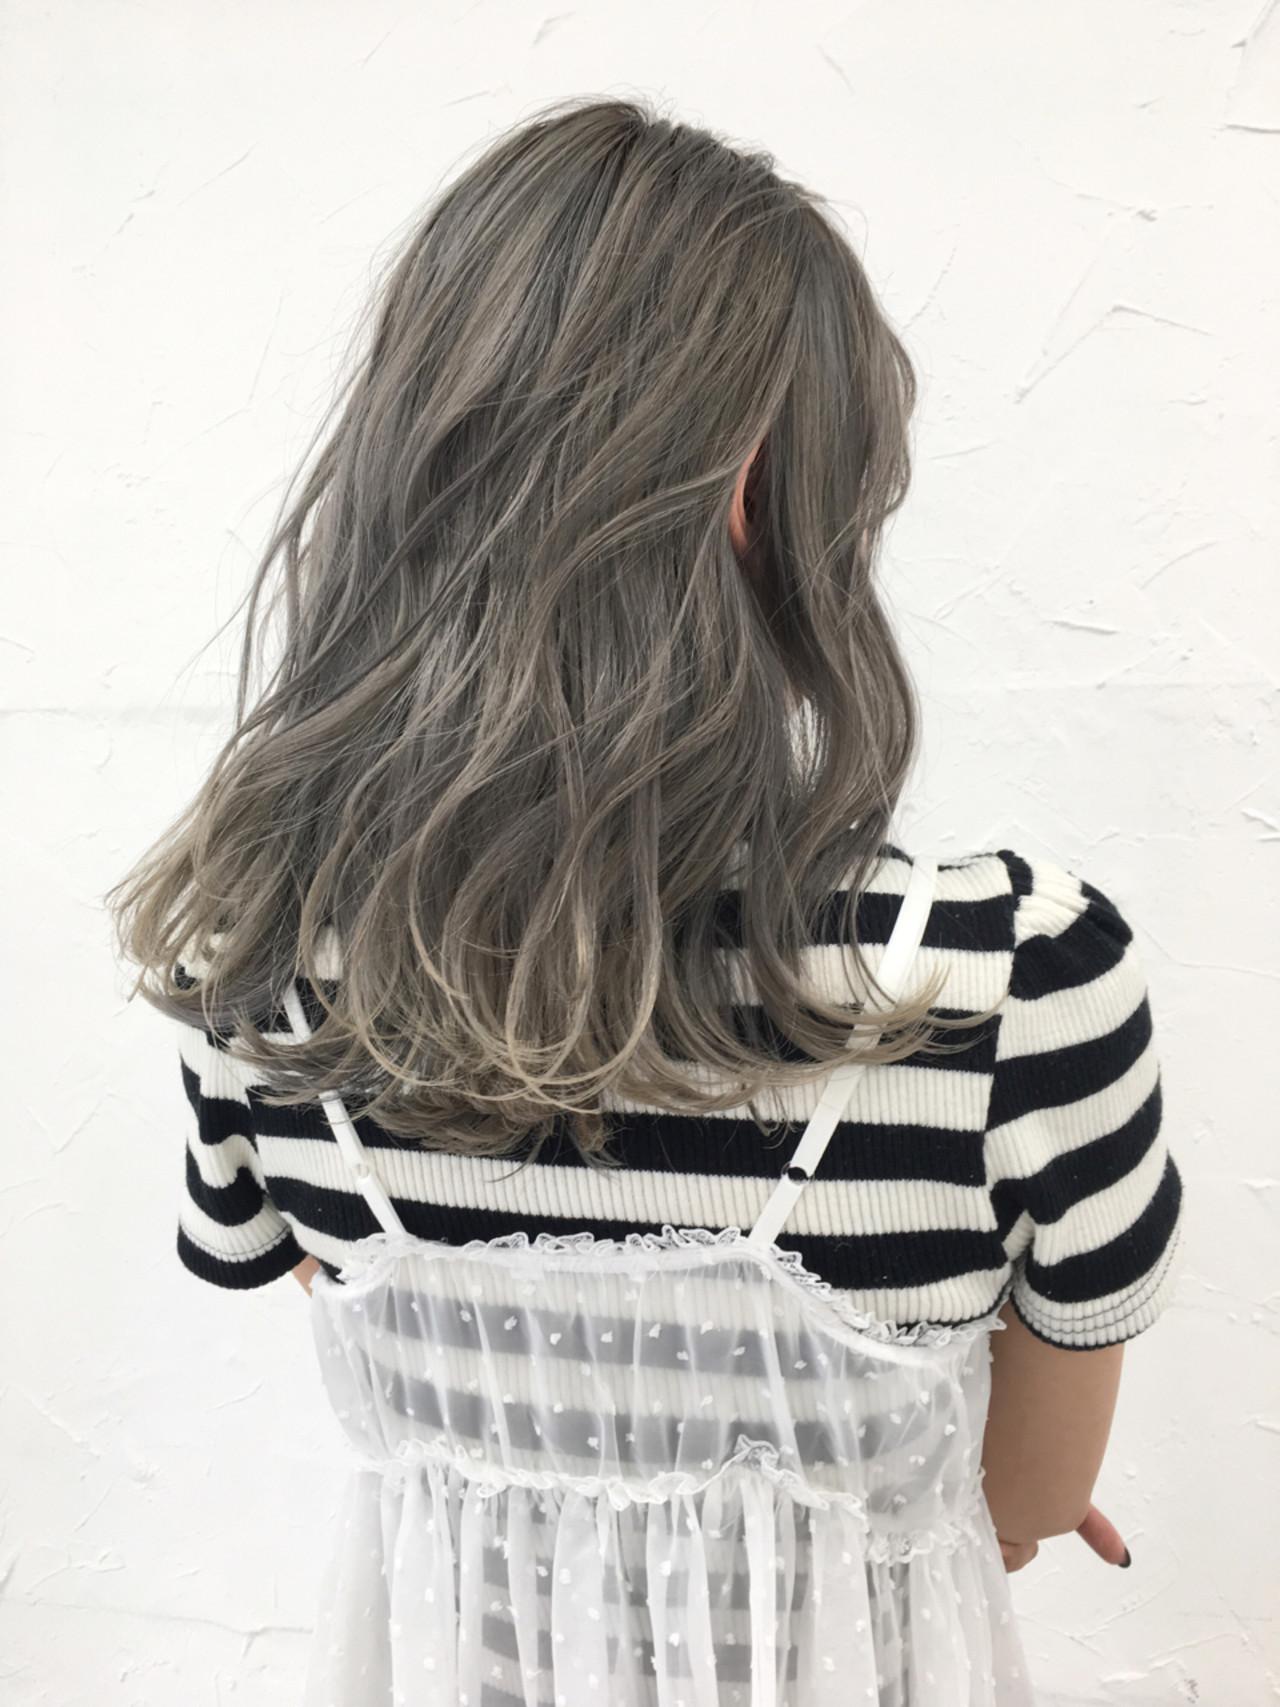 アッシュ ホワイトアッシュ ホワイト 秋 ヘアスタイルや髪型の写真・画像